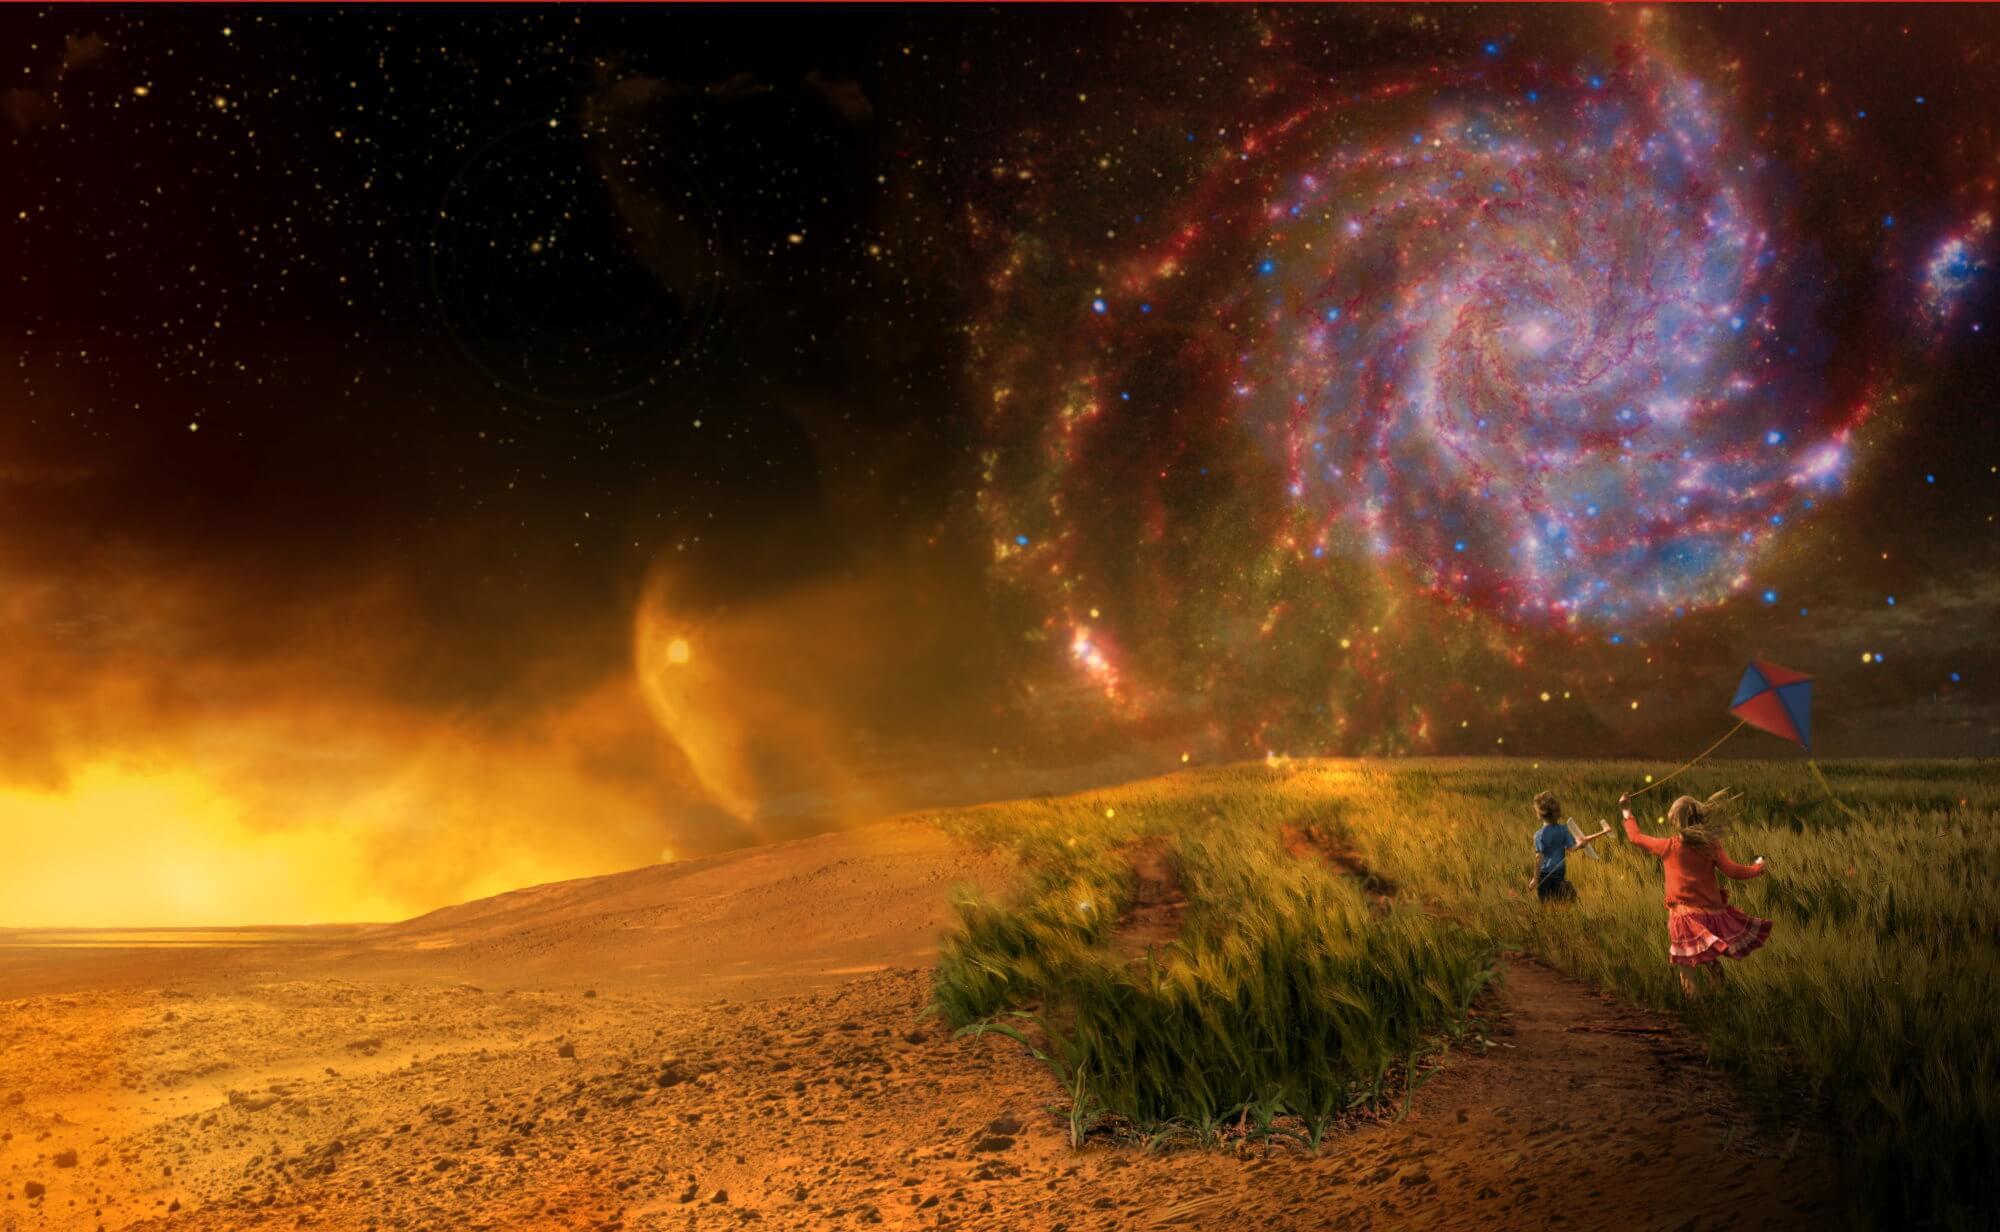 фото других планет где может быть жизнь другими препаратами, выбирайте